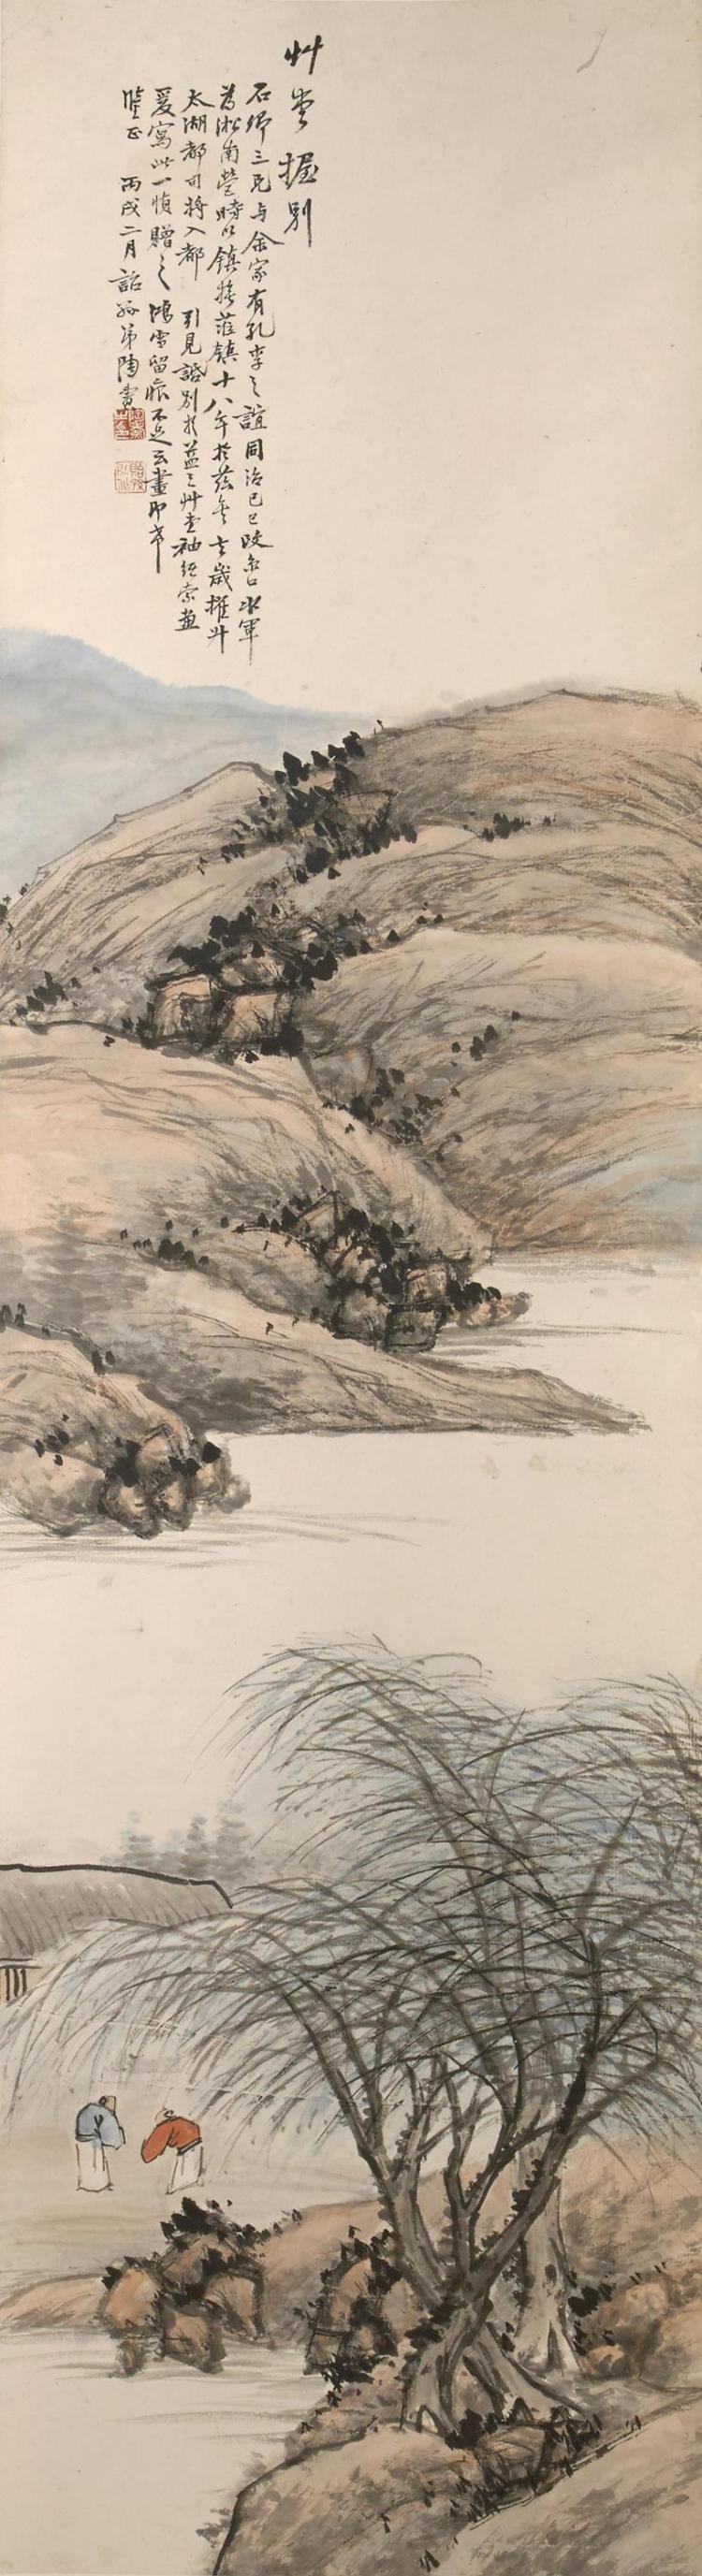 Tao Tao (1825-1900)